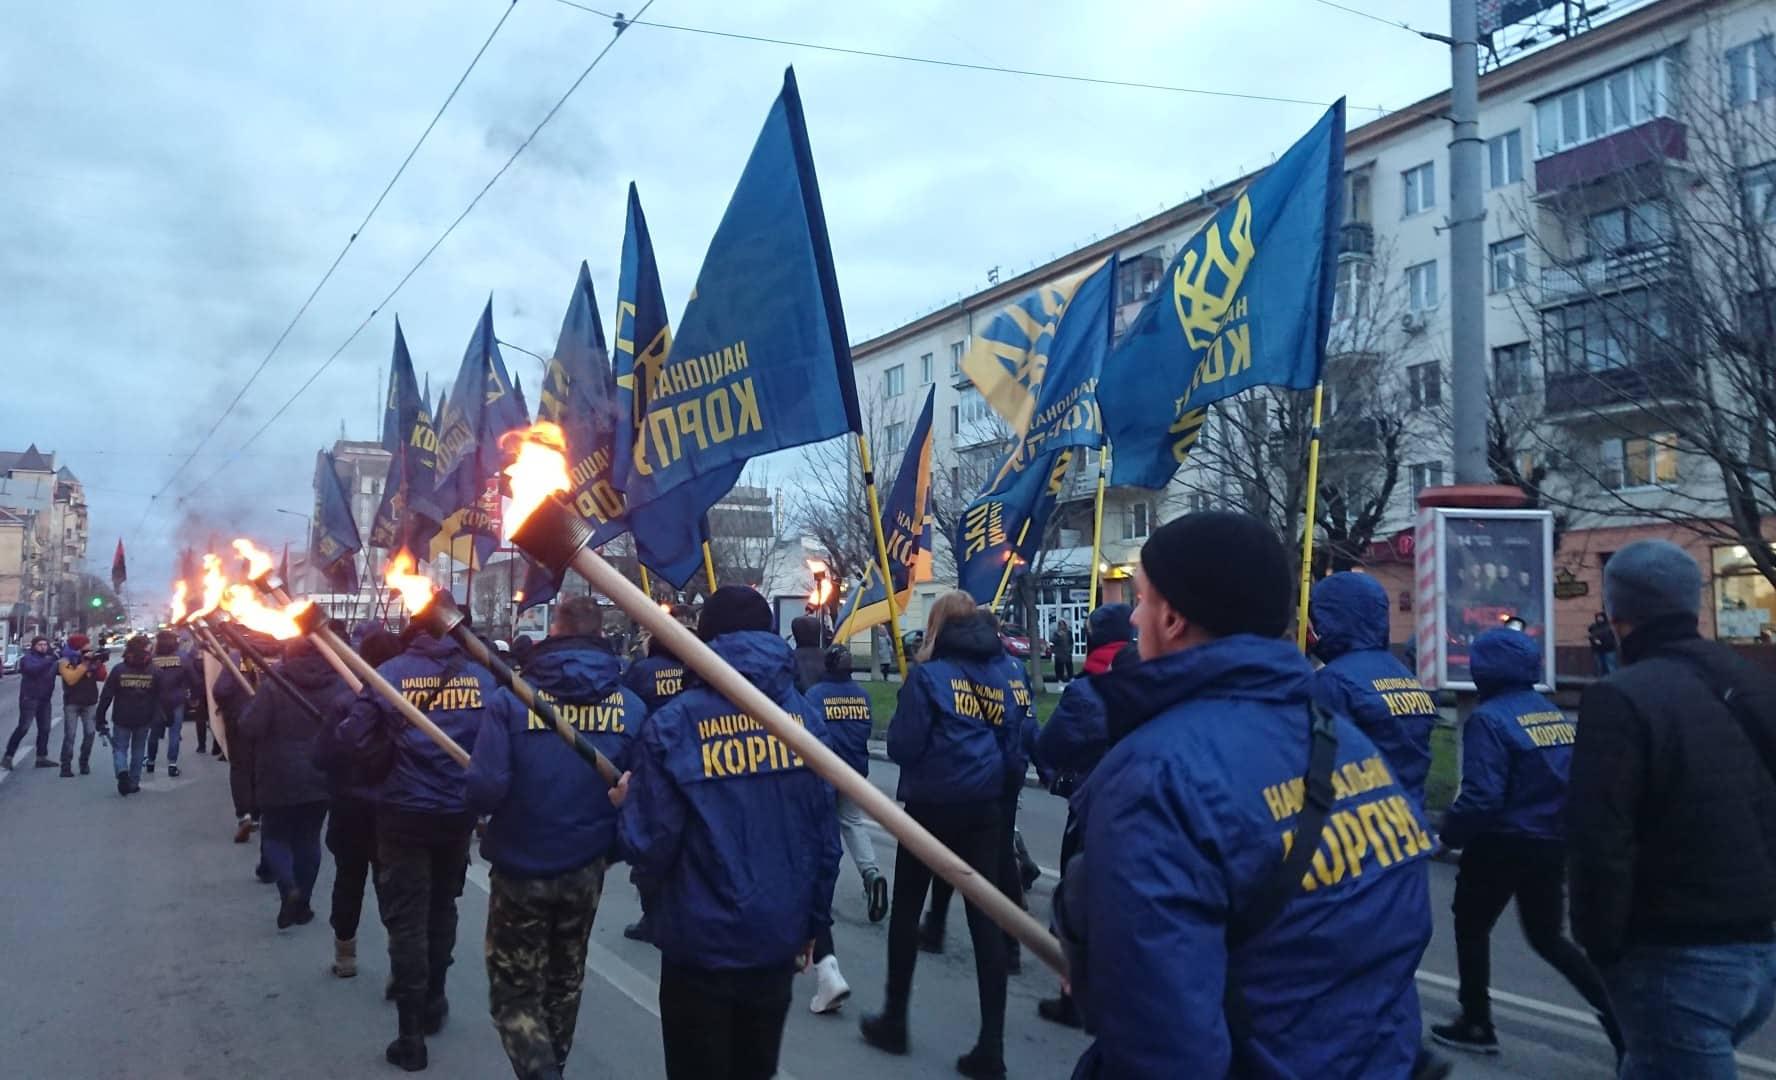 """""""Наша земля – наші герої"""": двома смолоскипними маршами у Франківську вшанували полеглих під Крутами 8"""